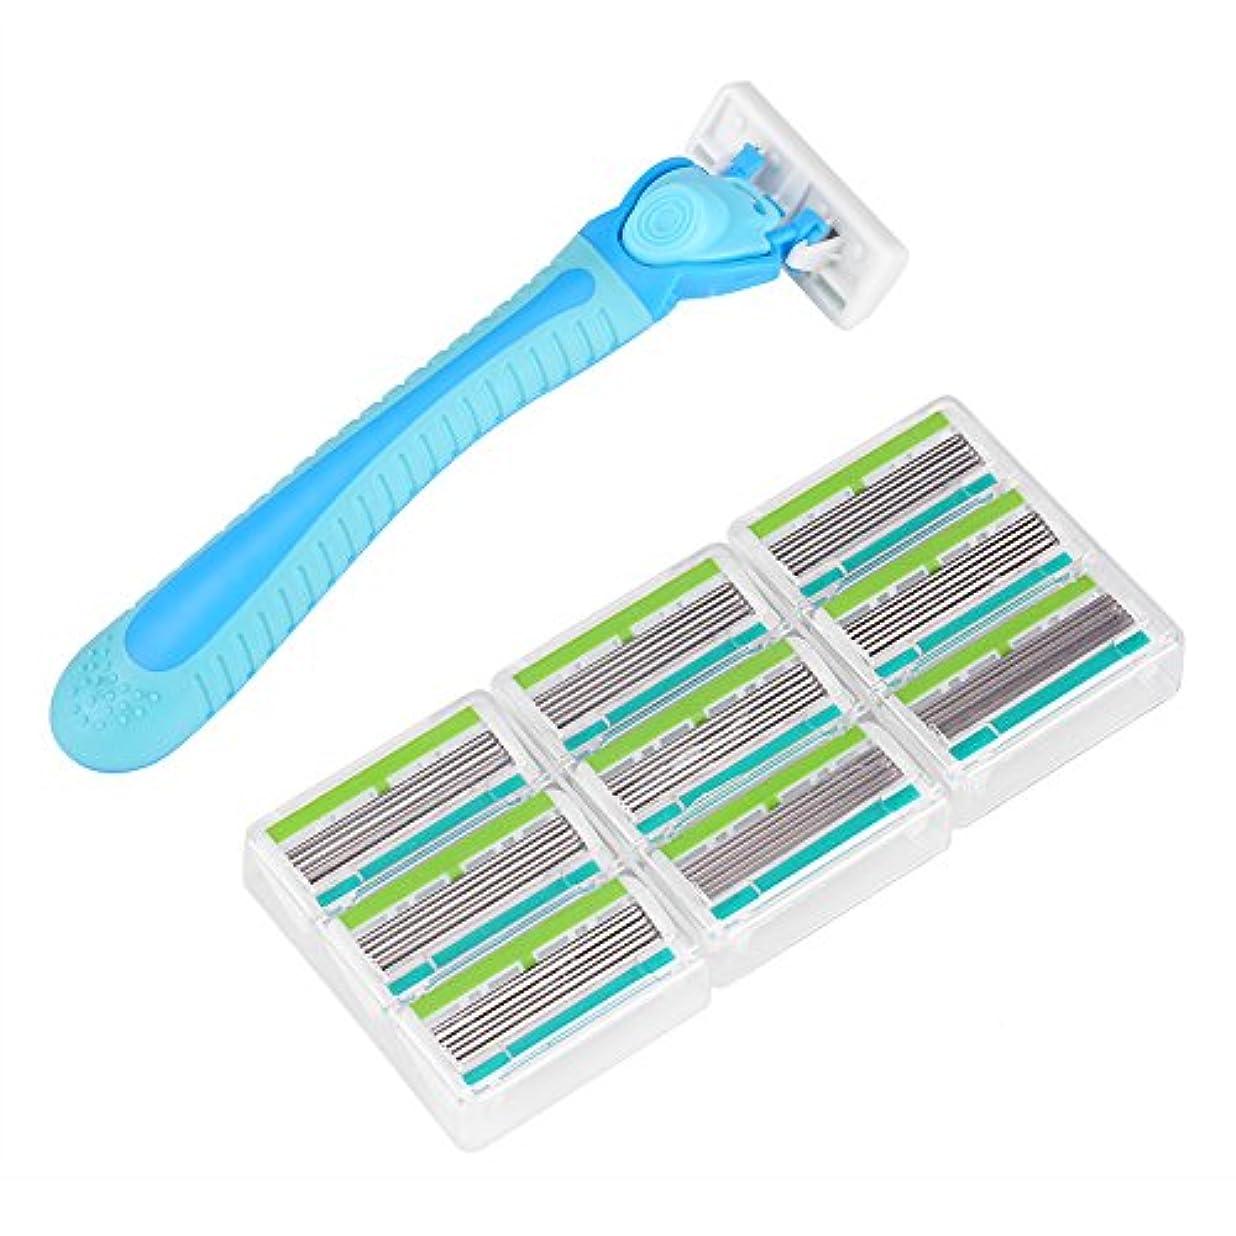 靴どこでもモバイル使い捨て剃刀、6層刃カミソリホルダーレッグ脱毛シェービング(男性/女性用)(蓝色)